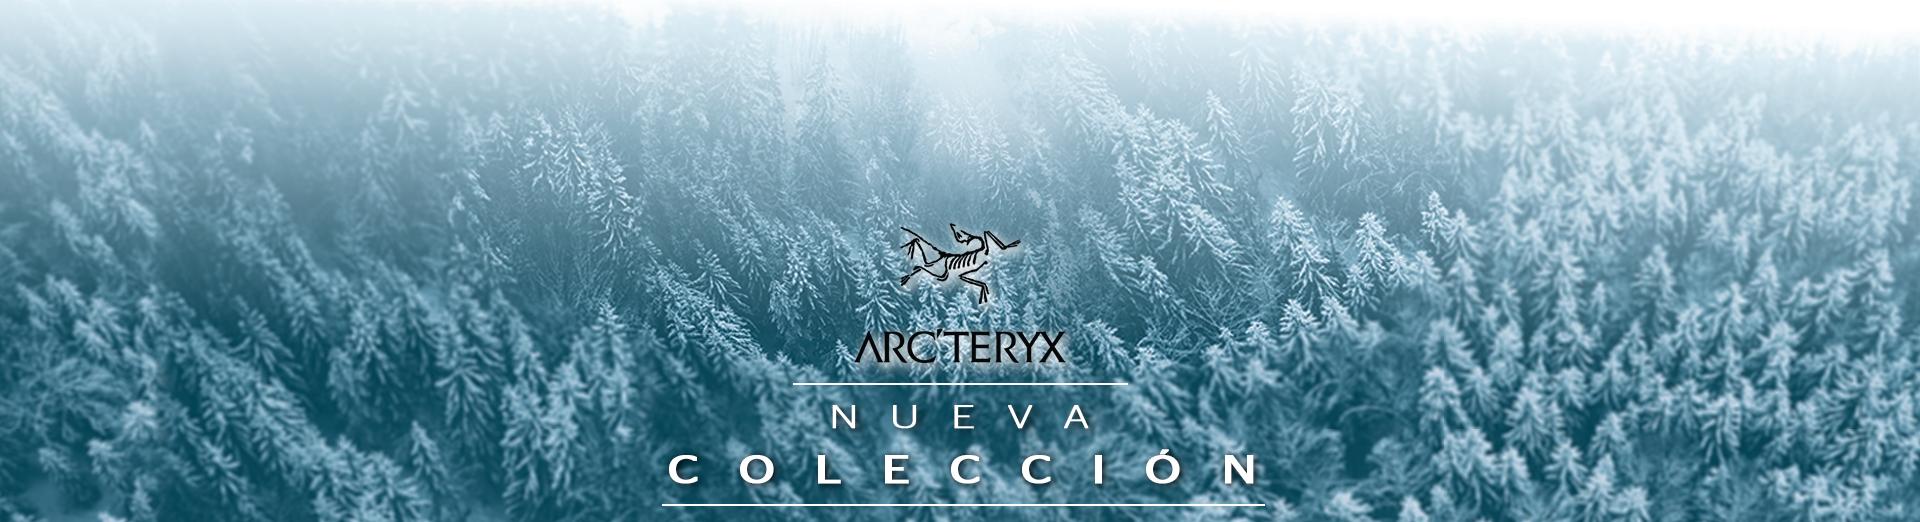 NUEVA COLECCIÓN ARC'TERYX - ROPA DE MONTAÑA